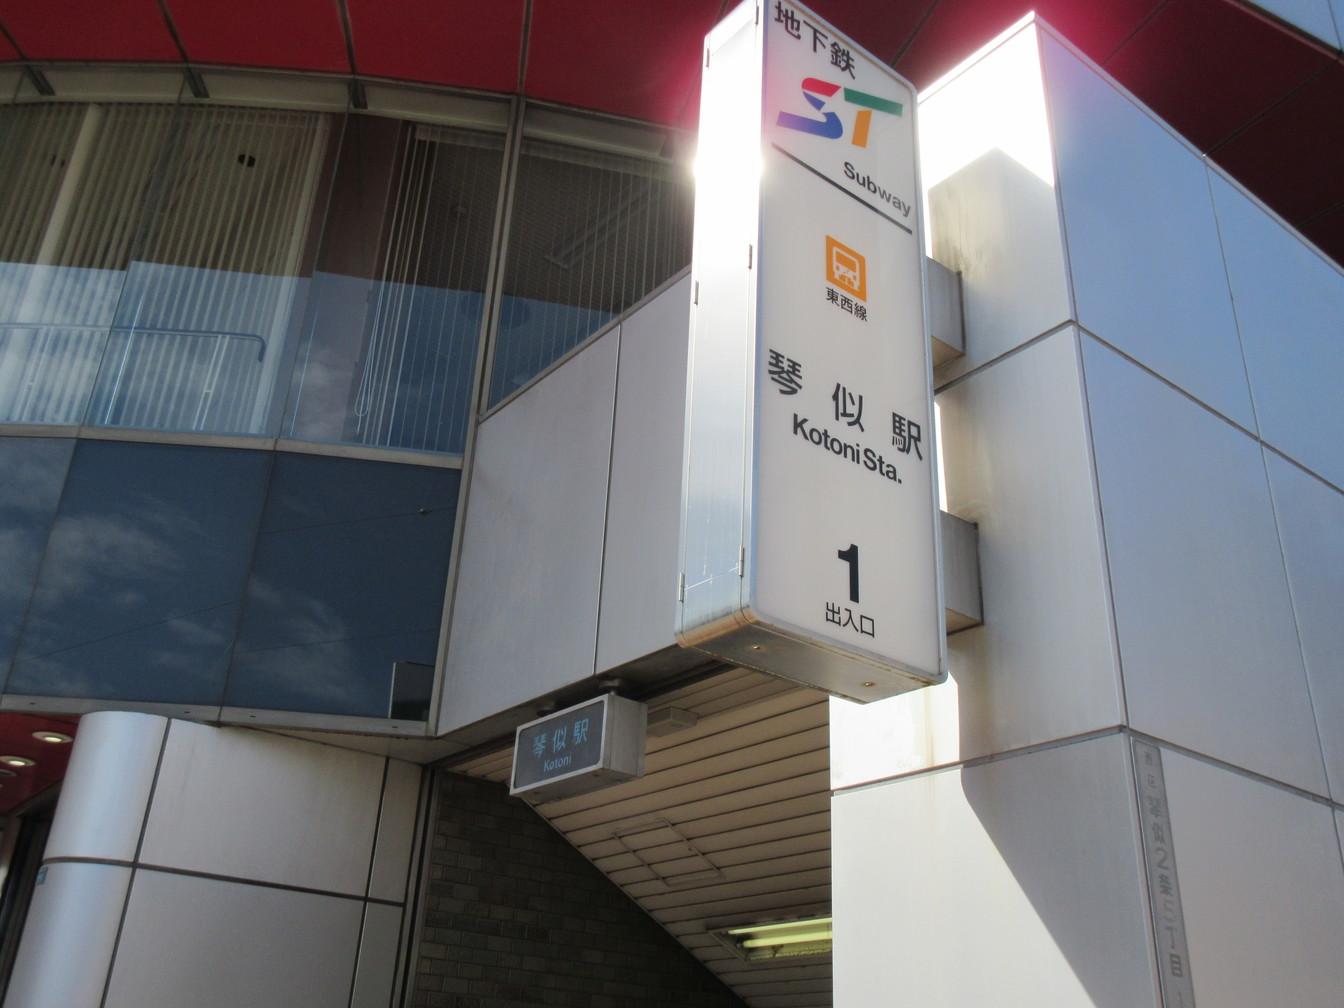 ホテルコトニ札幌 関連画像 11枚目 楽天トラベル提供